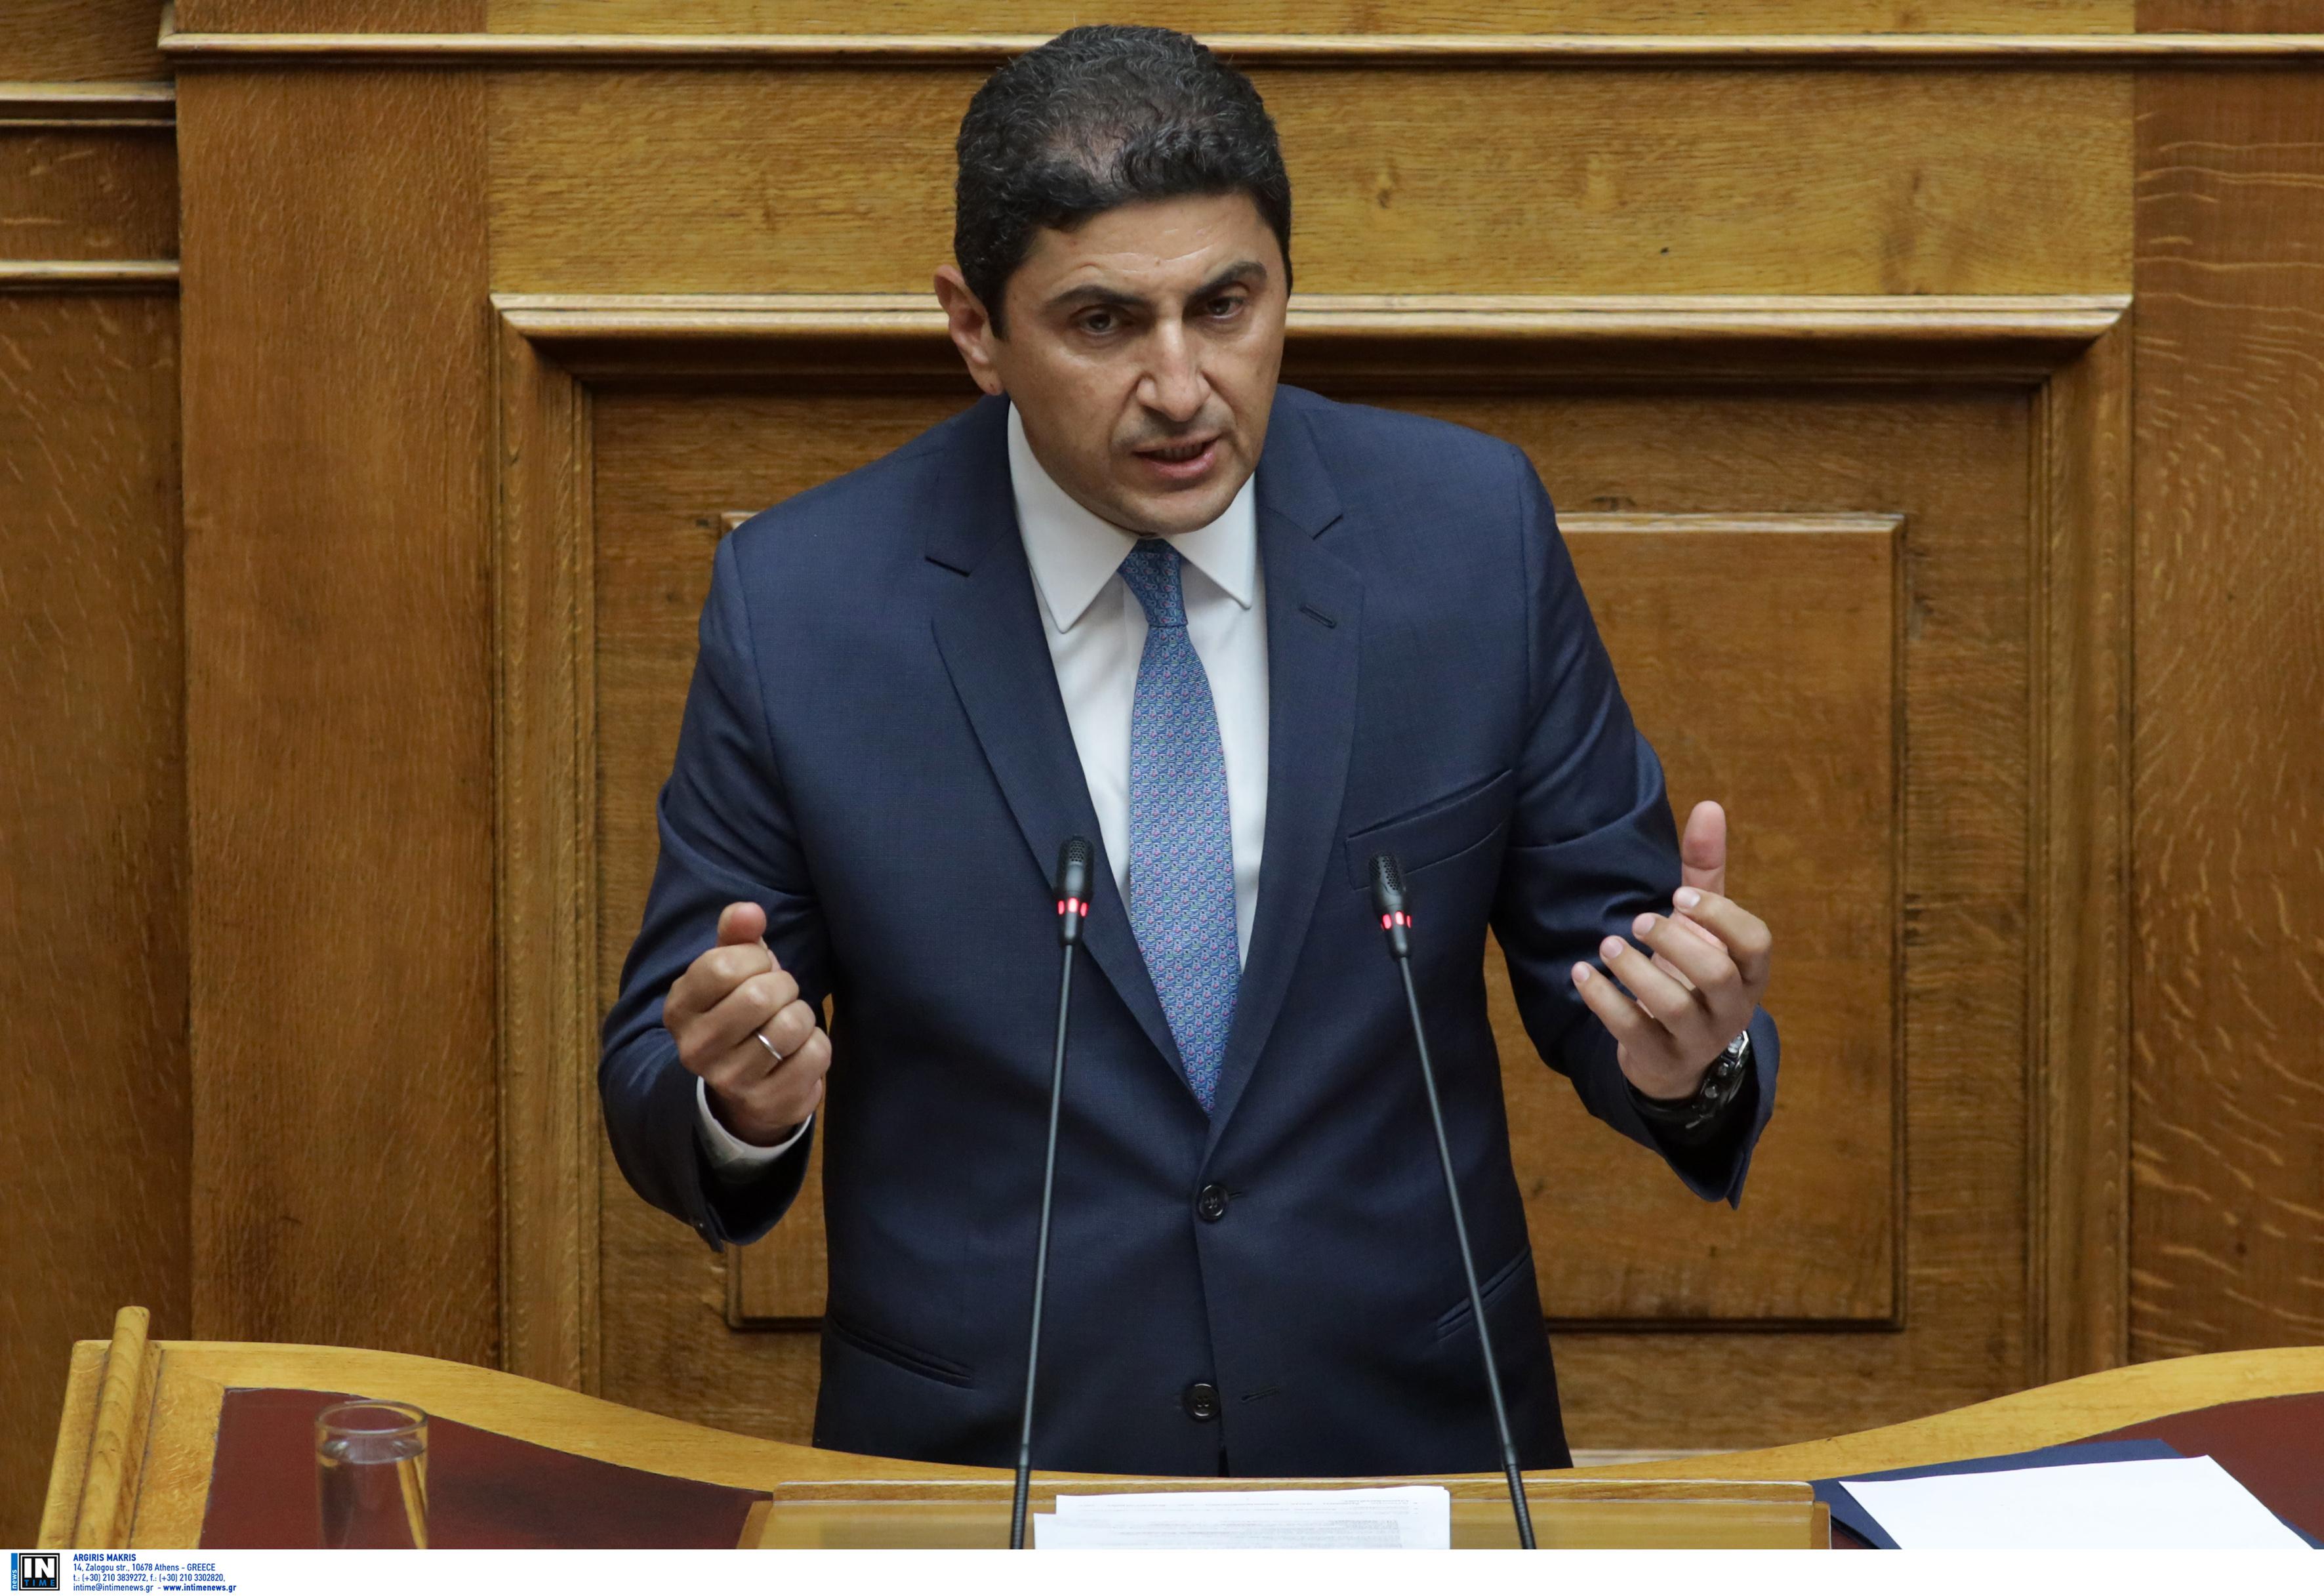 Στον Εισαγγελέα έστειλε ο Λευτέρης Αυγενάκης την Ειδική Έκθεση Ελέγχου για την ΕΟΦΣΑ